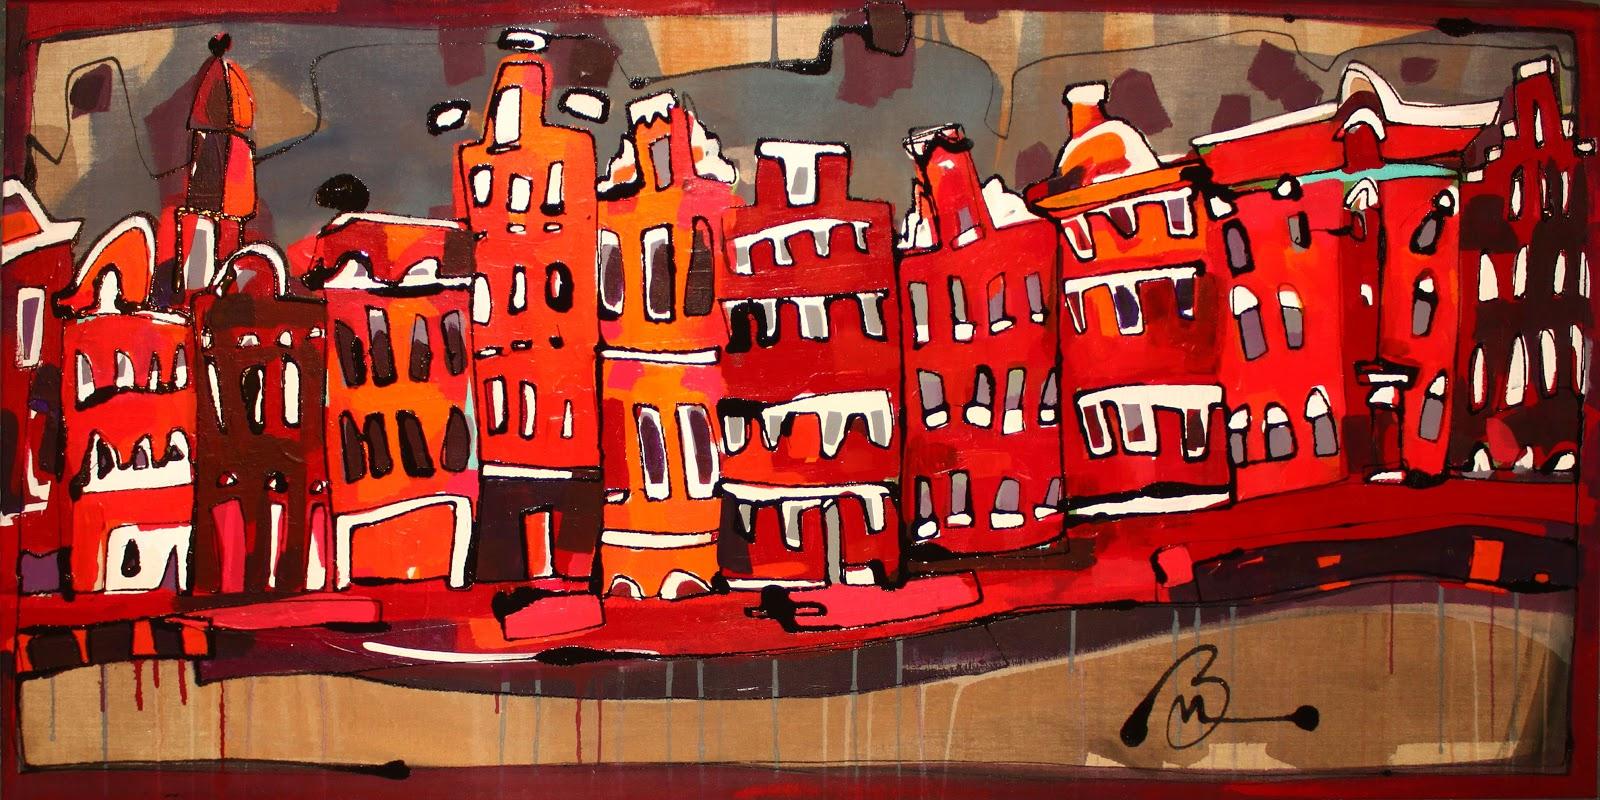 http://4.bp.blogspot.com/-wCH2qLjLvcI/T1JJDqfjWKI/AAAAAAAAK8U/iqrWl0tX1aE/s1600/Touched+by+Amsterdam+160x80+MariekeBekke+2012++990eur.jpg